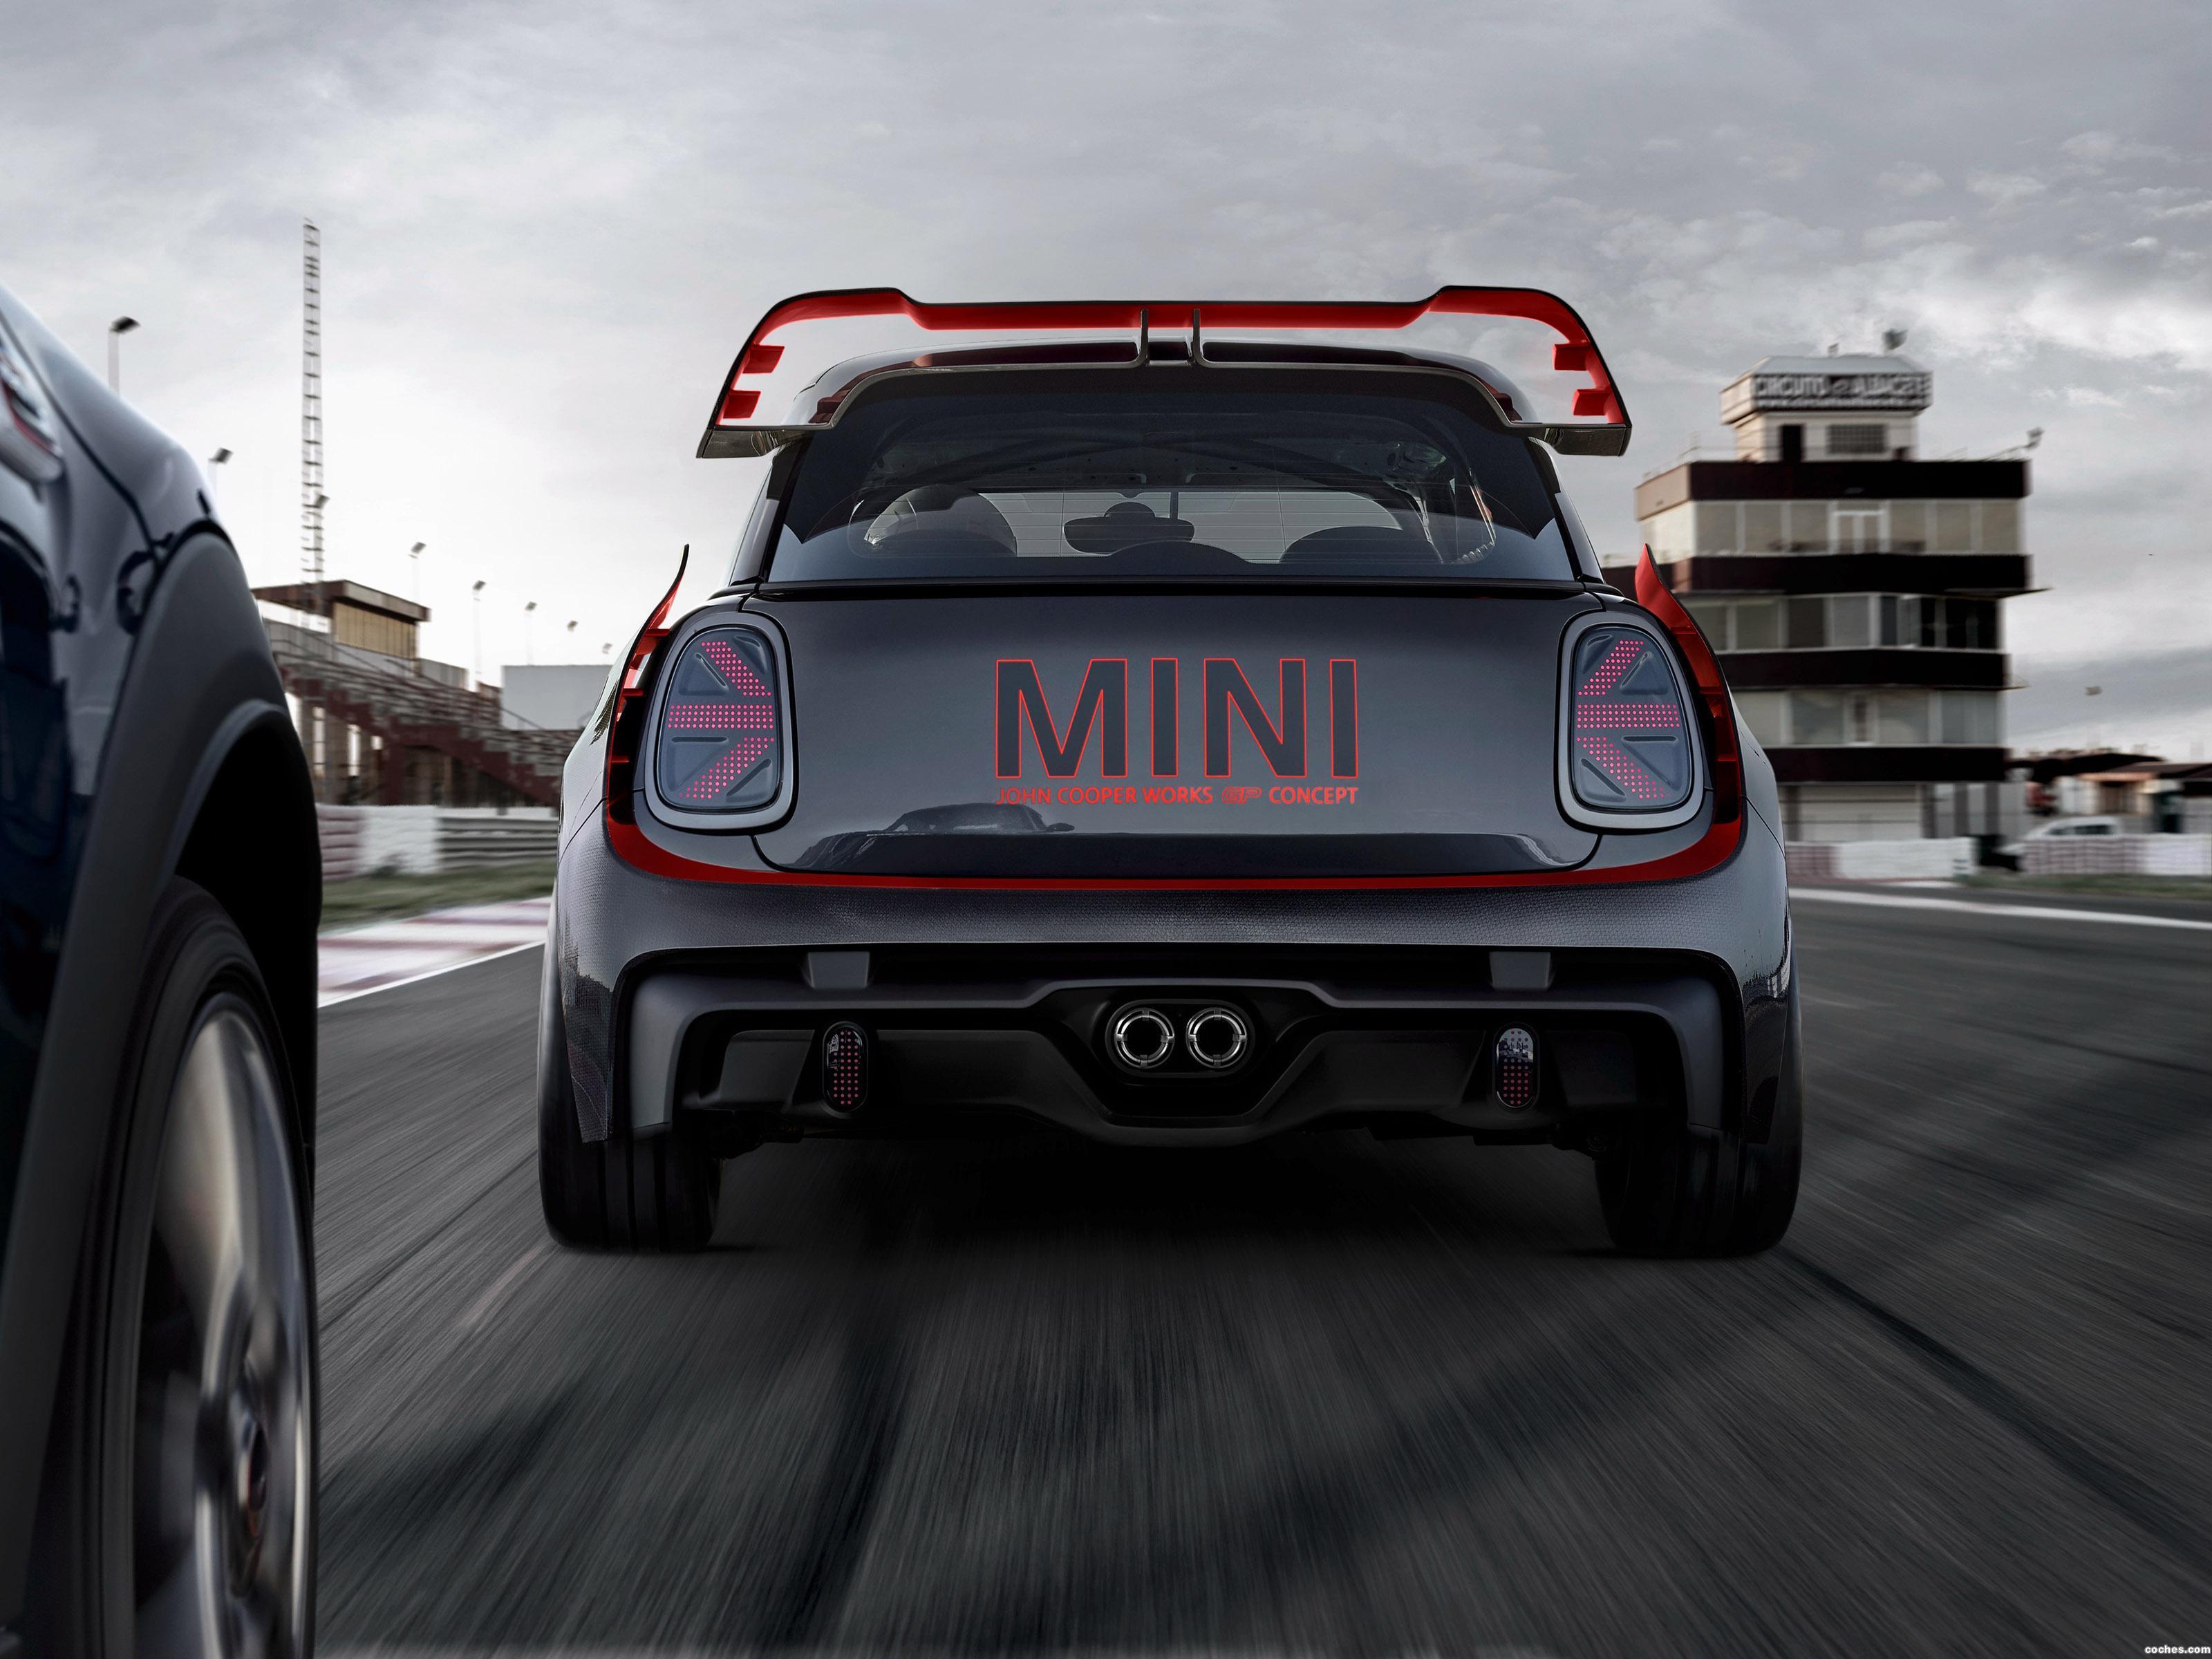 Foto 4 de Mini John Cooper Works GP Concept F56 2017